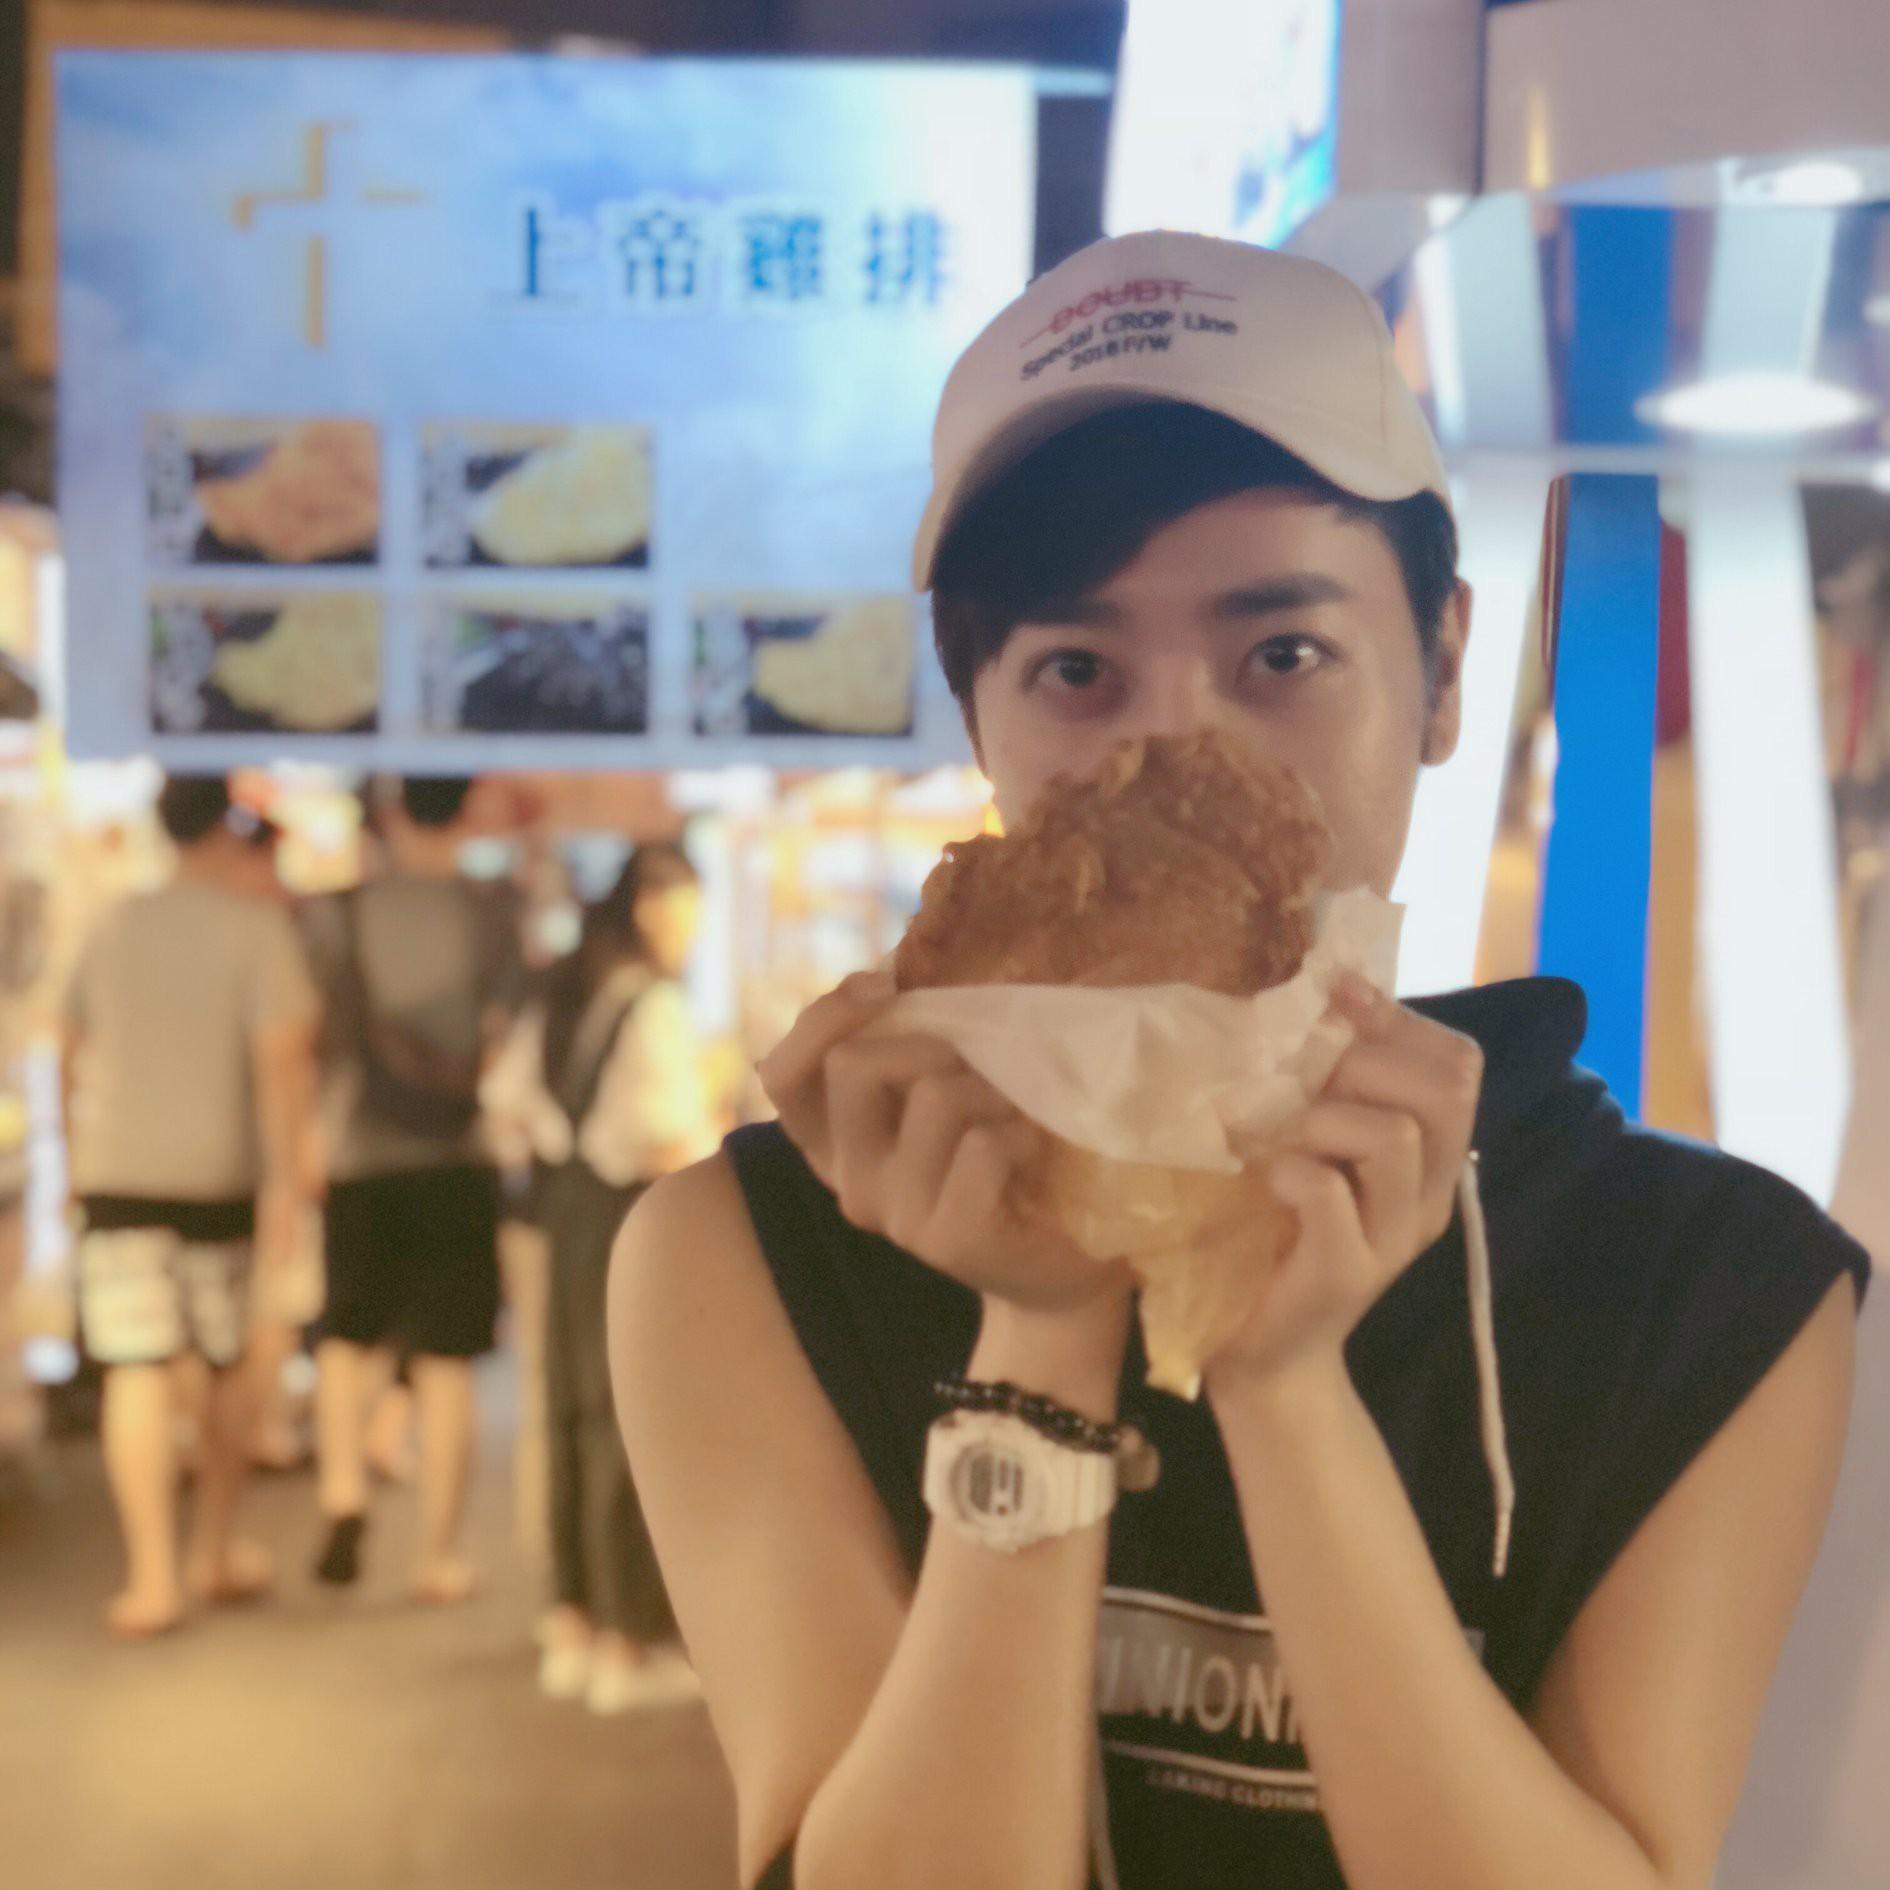 Ghi nhanh sổ tay ăn sập Cao Hùng của chàng du học sinh cho chuyến đi Đài Loan sắp tới - Ảnh 6.